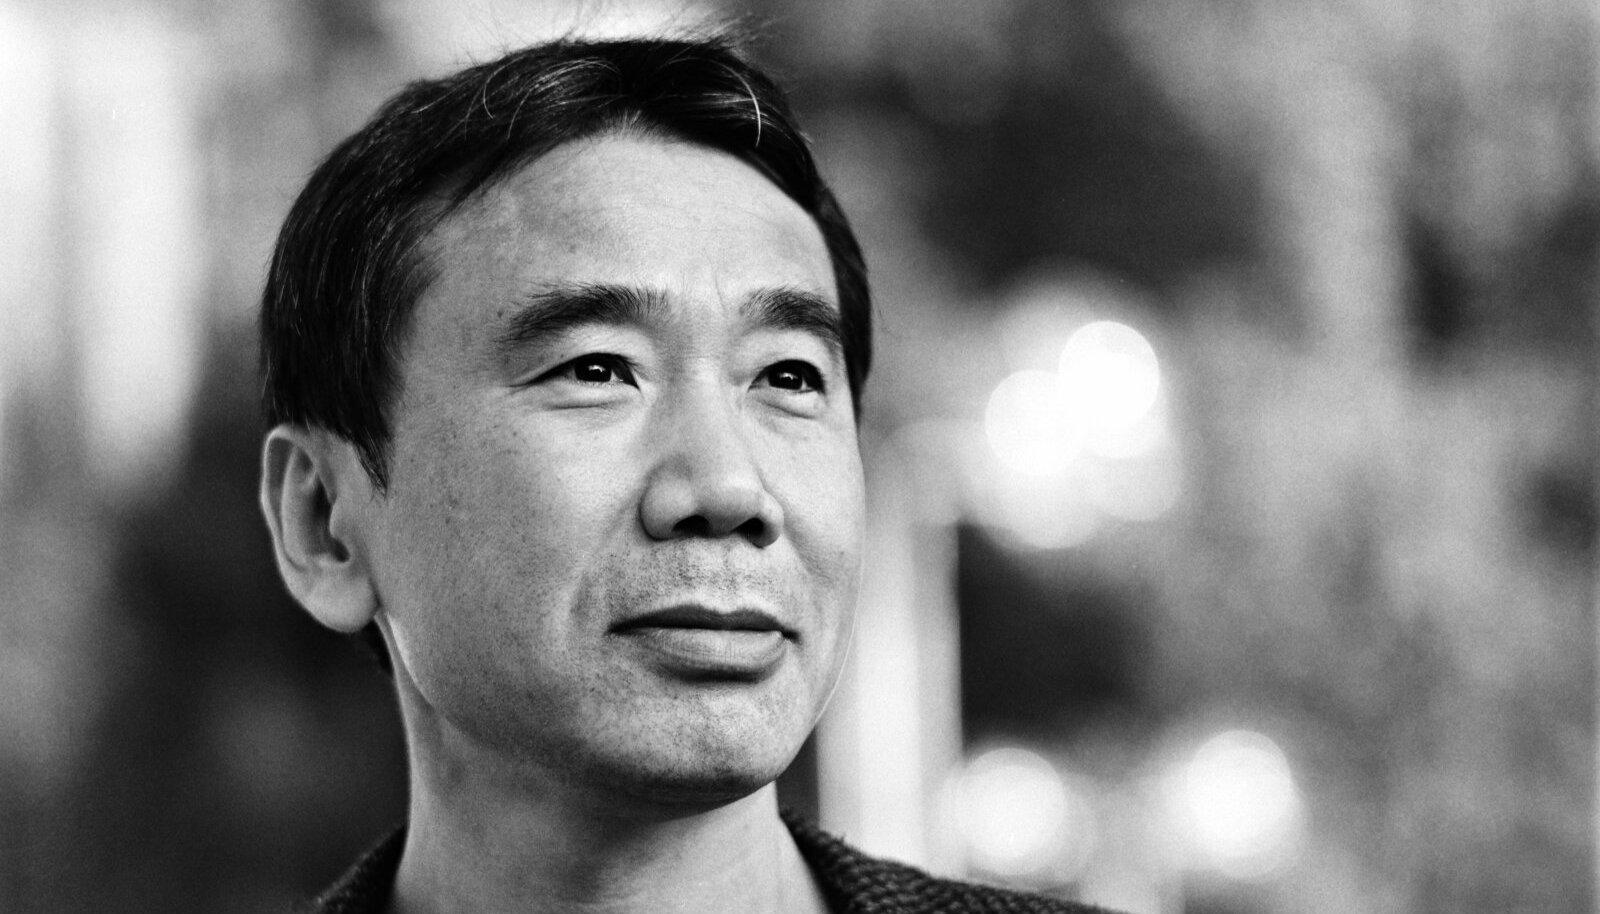 VÕTAB ISIKLIKULT: jaapani kirjaniku Haruki Murakami uues raamatus on kaheksa kummalist juttu.